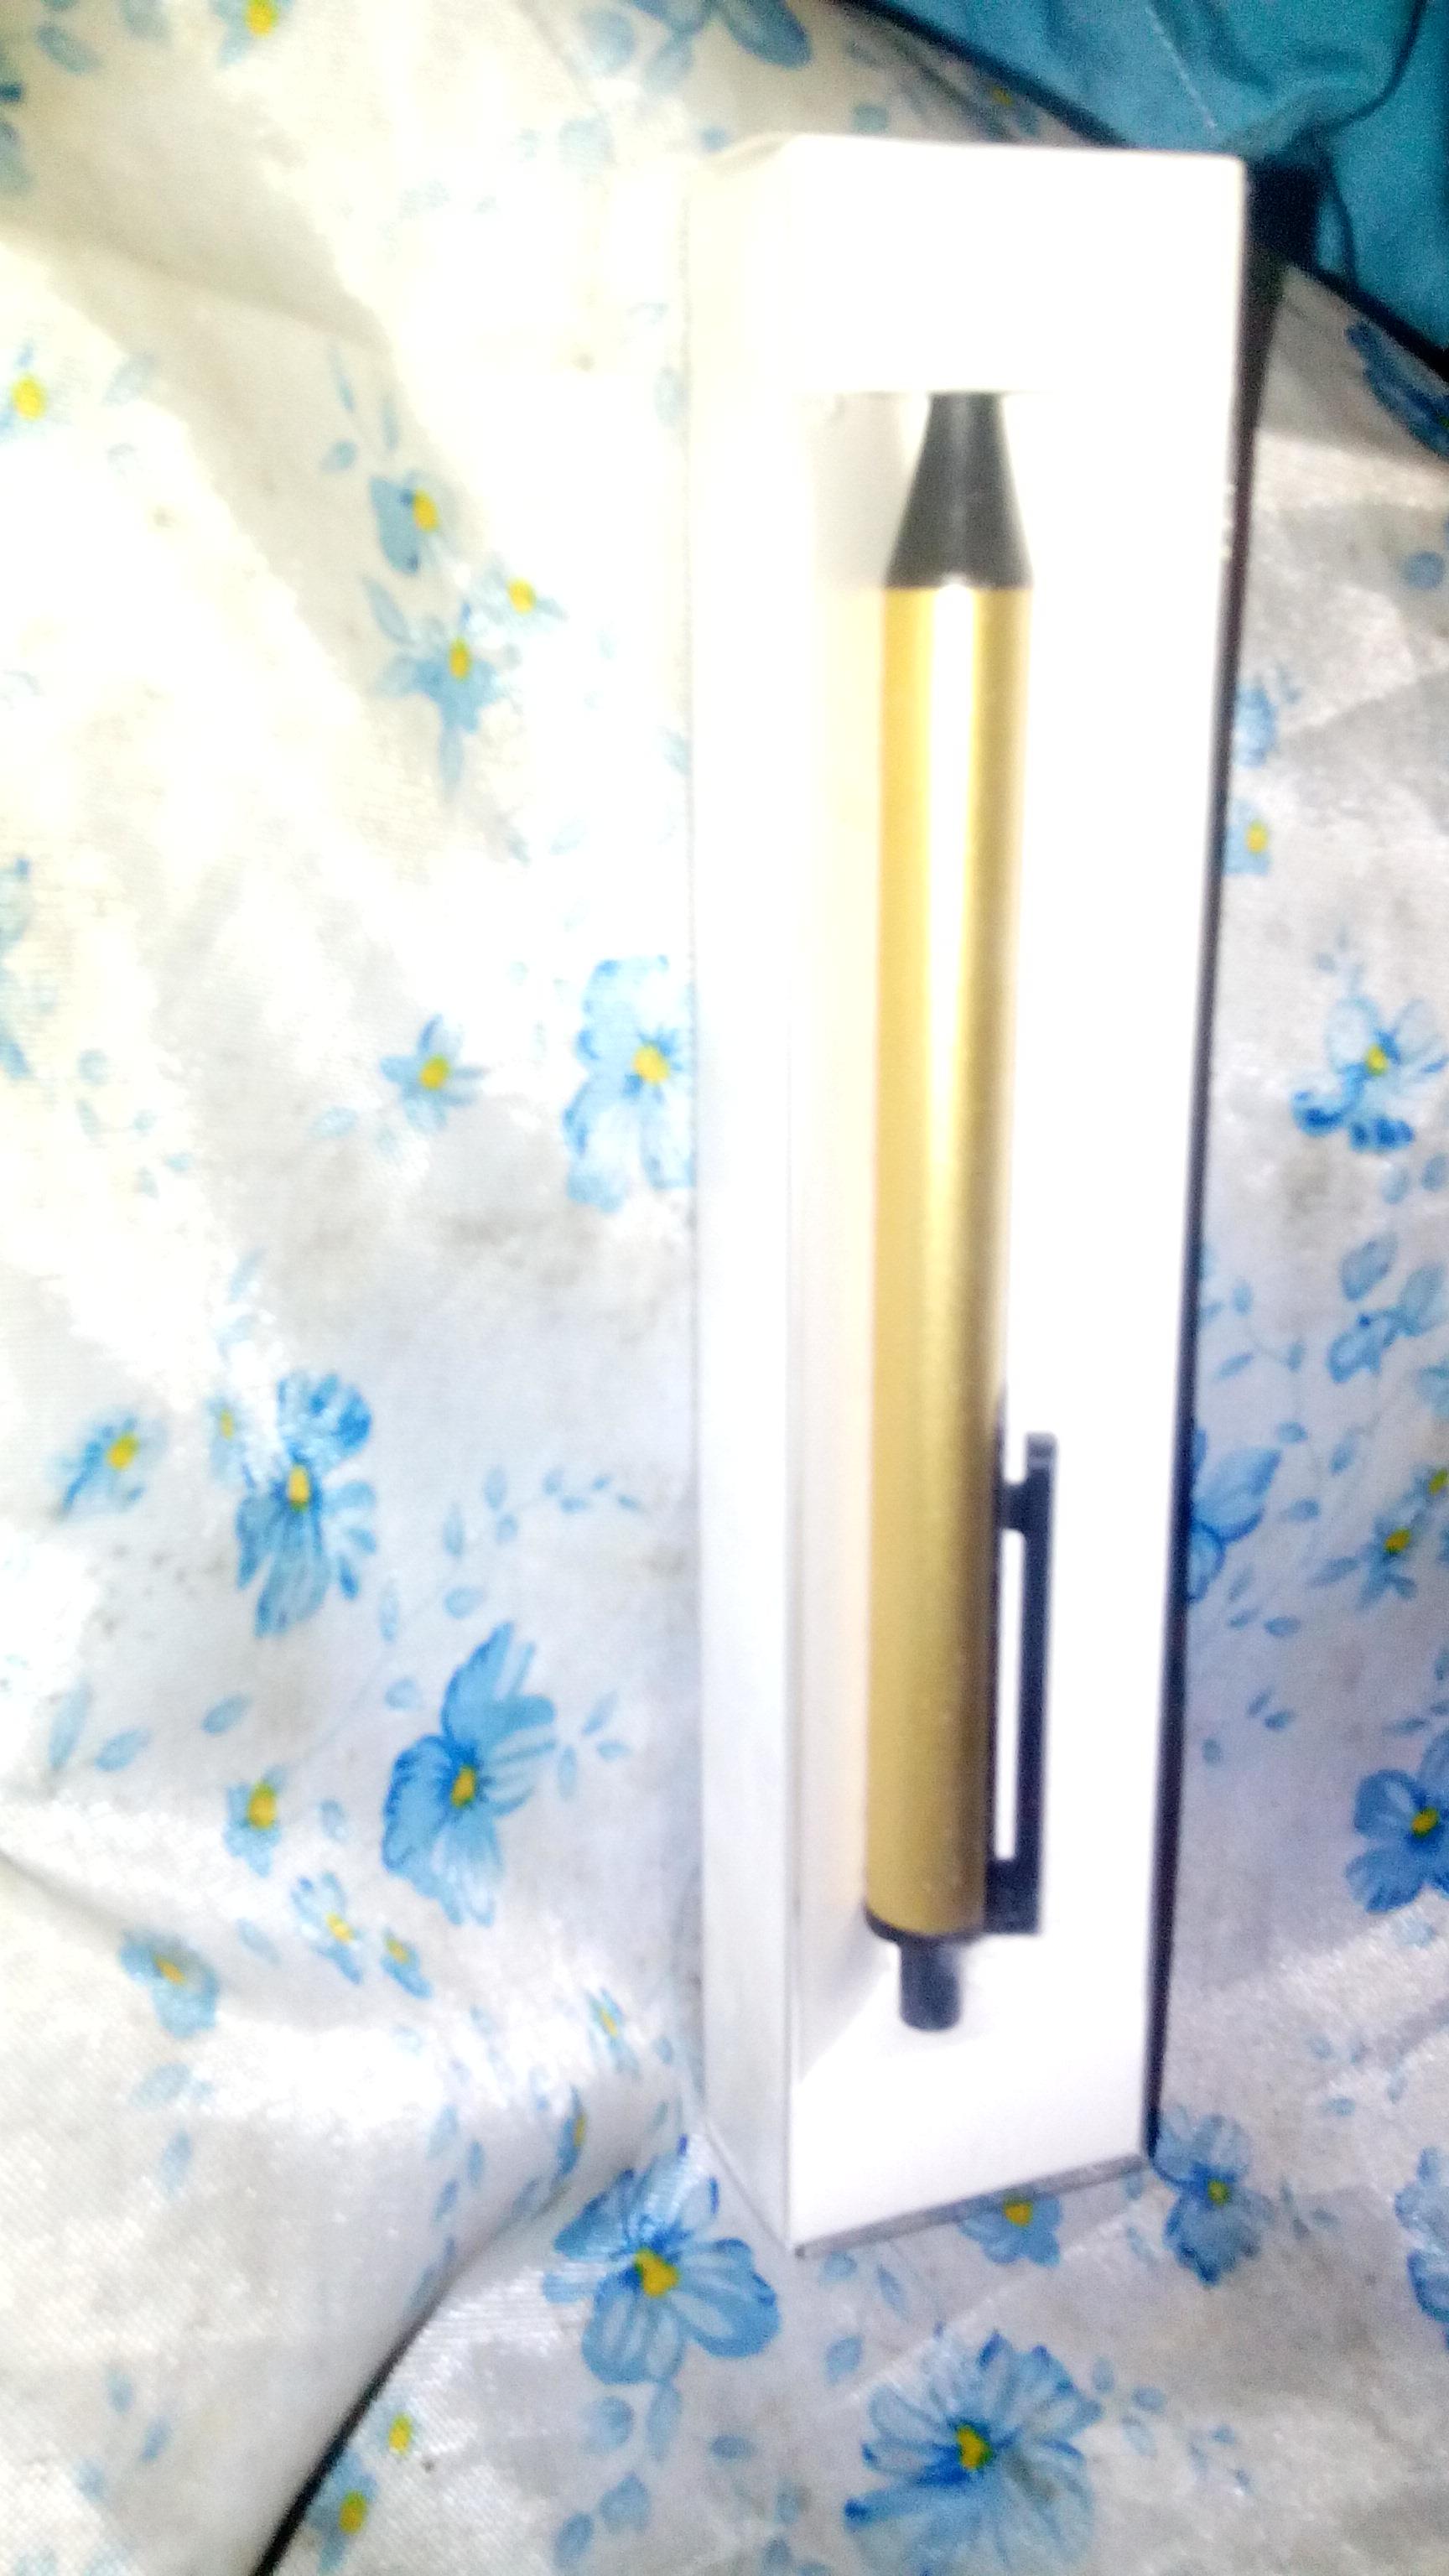 puma flip flops buy online india 00945614 onlinestore